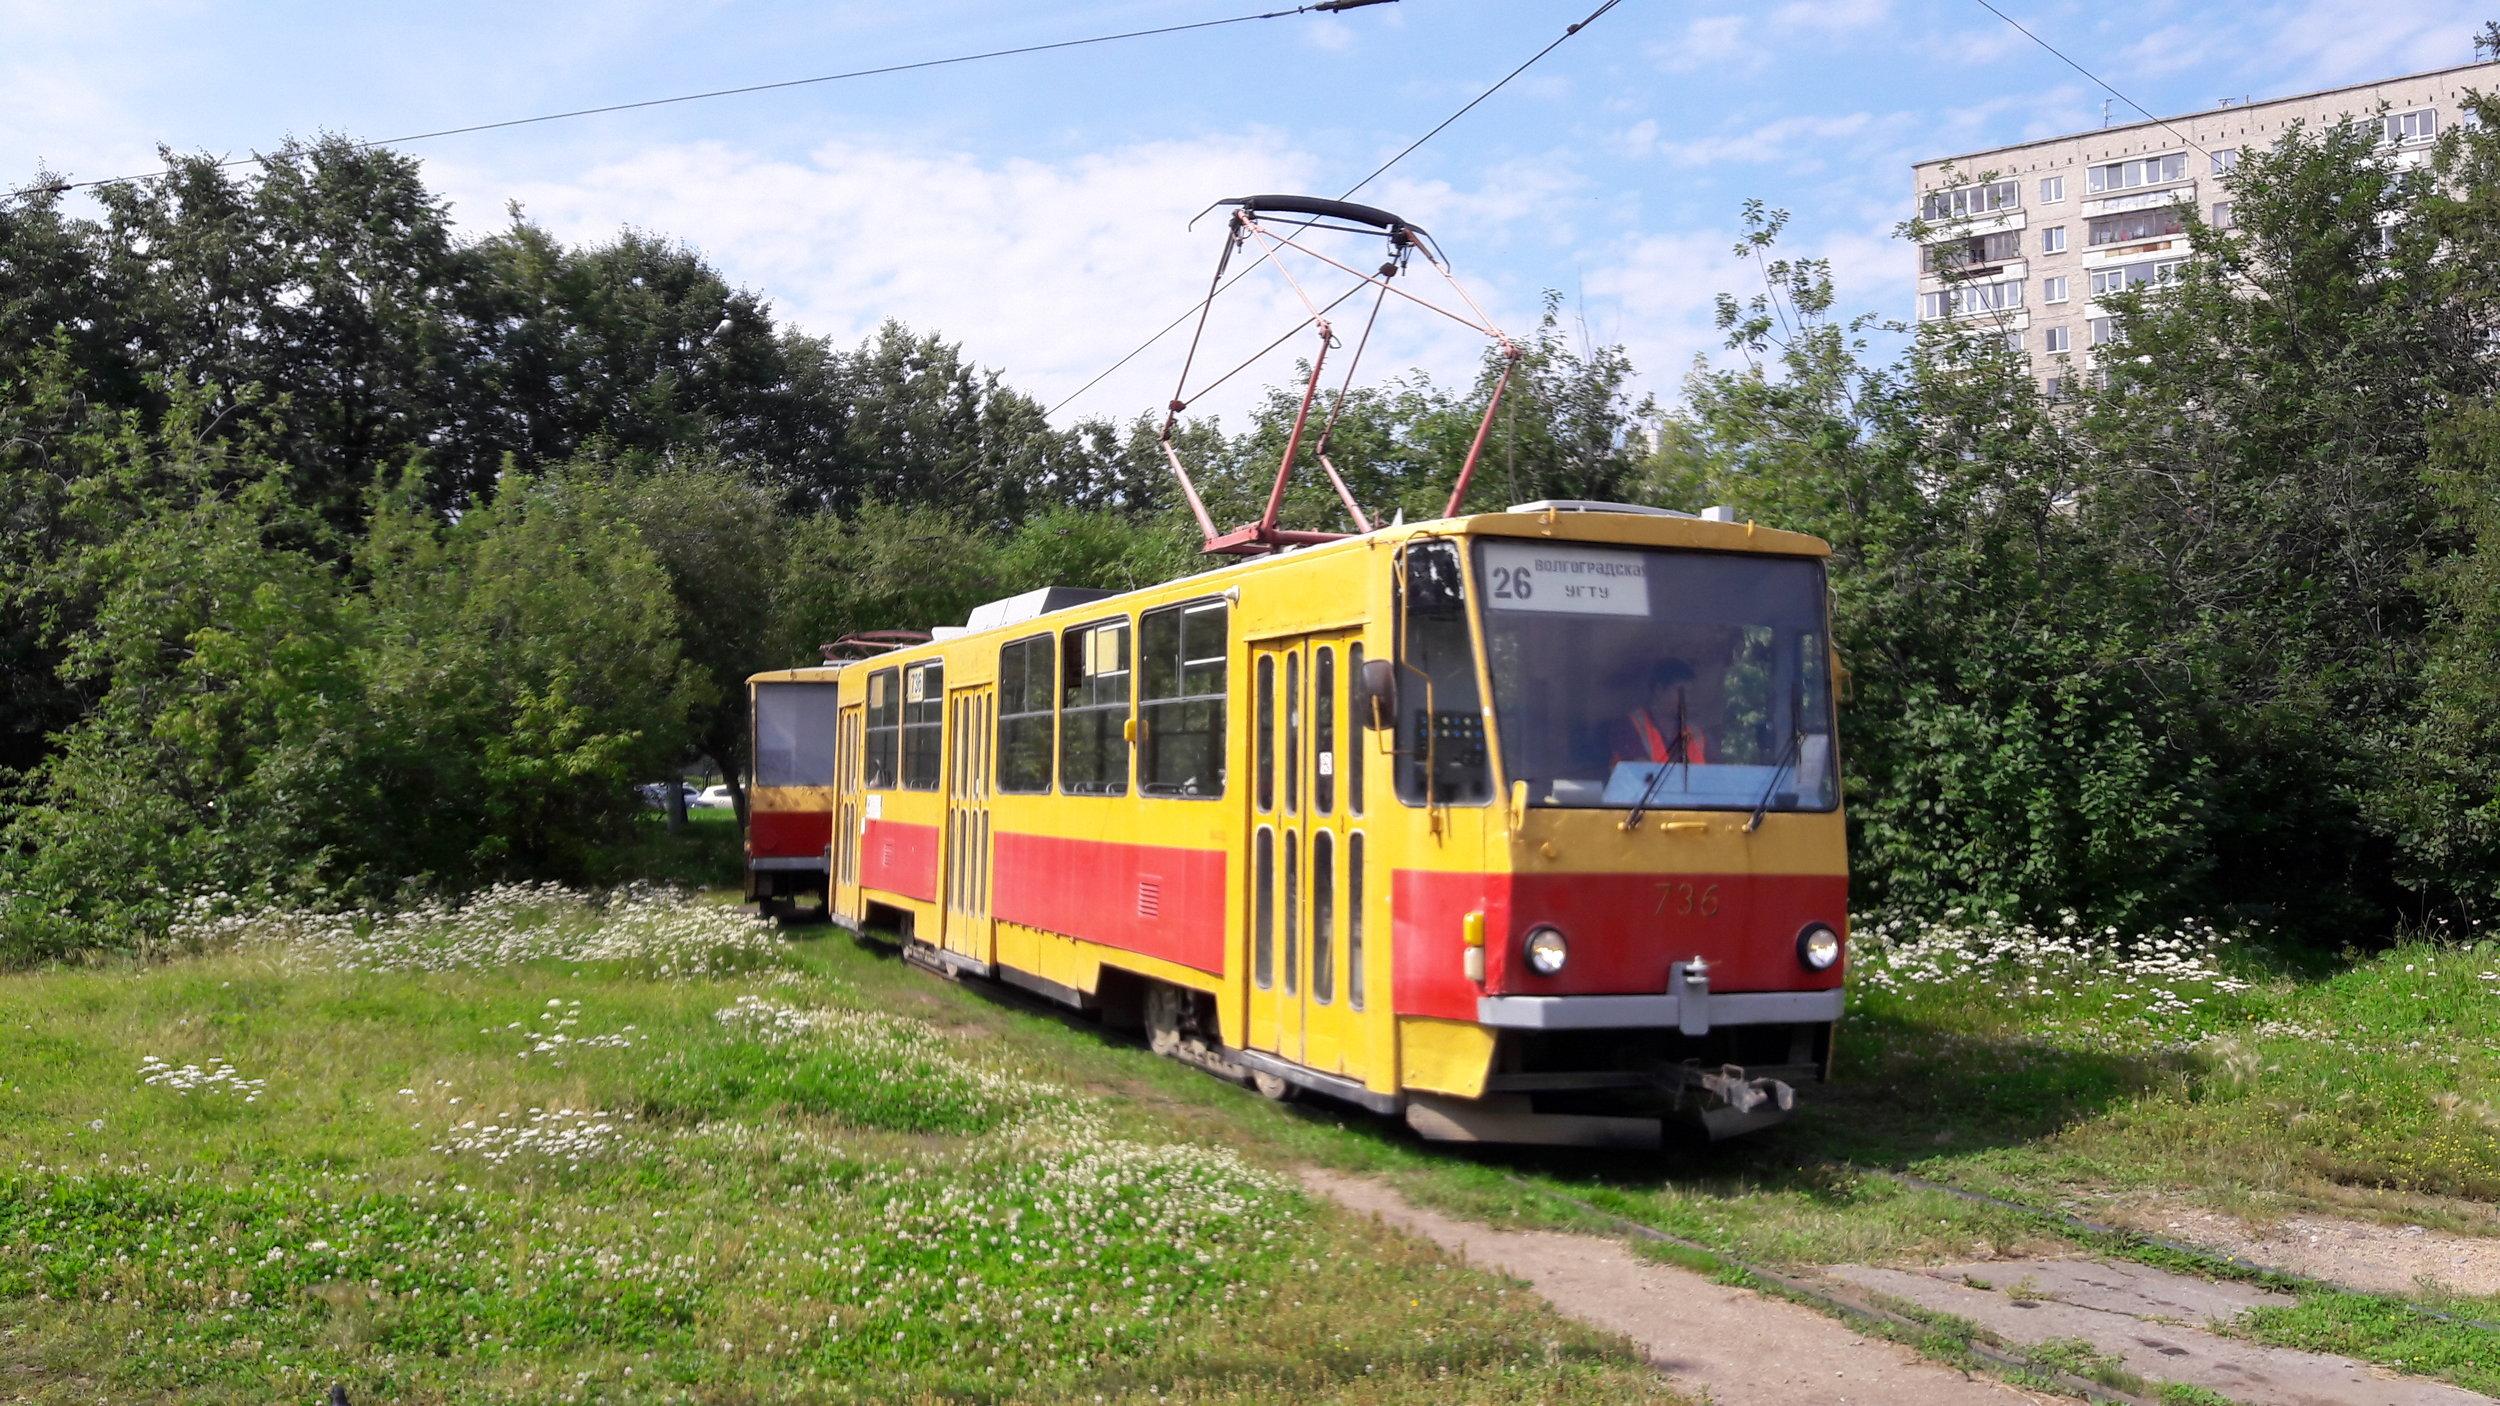 Tramvaj na konečné Volgogradskaja dne 1. 8. 2017.